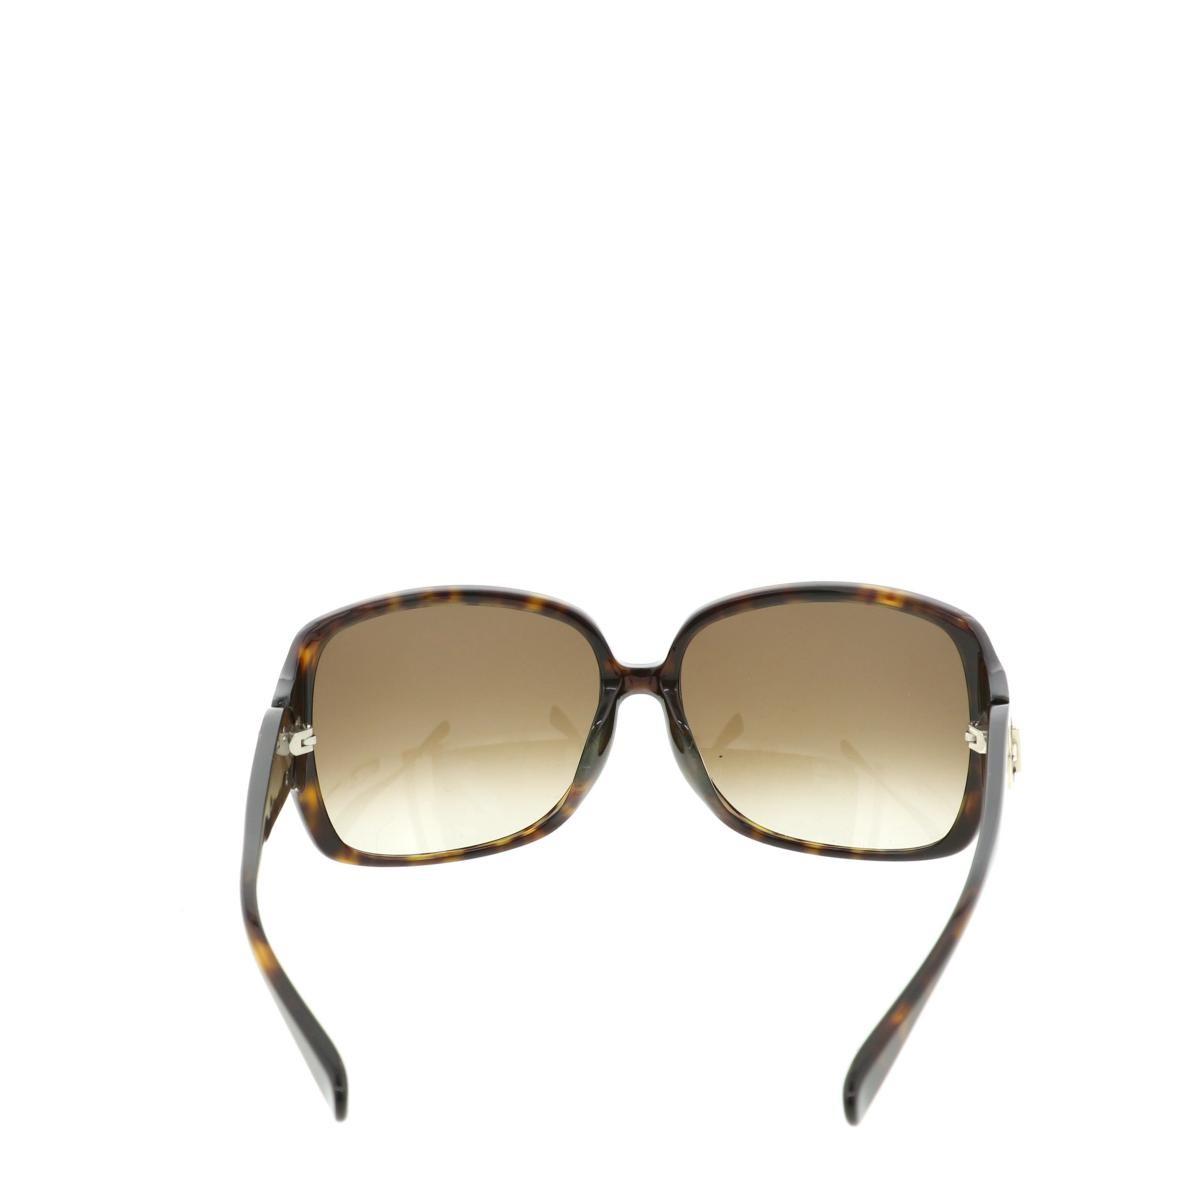 【中古】MARC BY MARC JACOBS (マークバイマークジェイコブス) サングラス 服飾 眼鏡/サングラス Sunglasses Brown/ブラウン  used:A